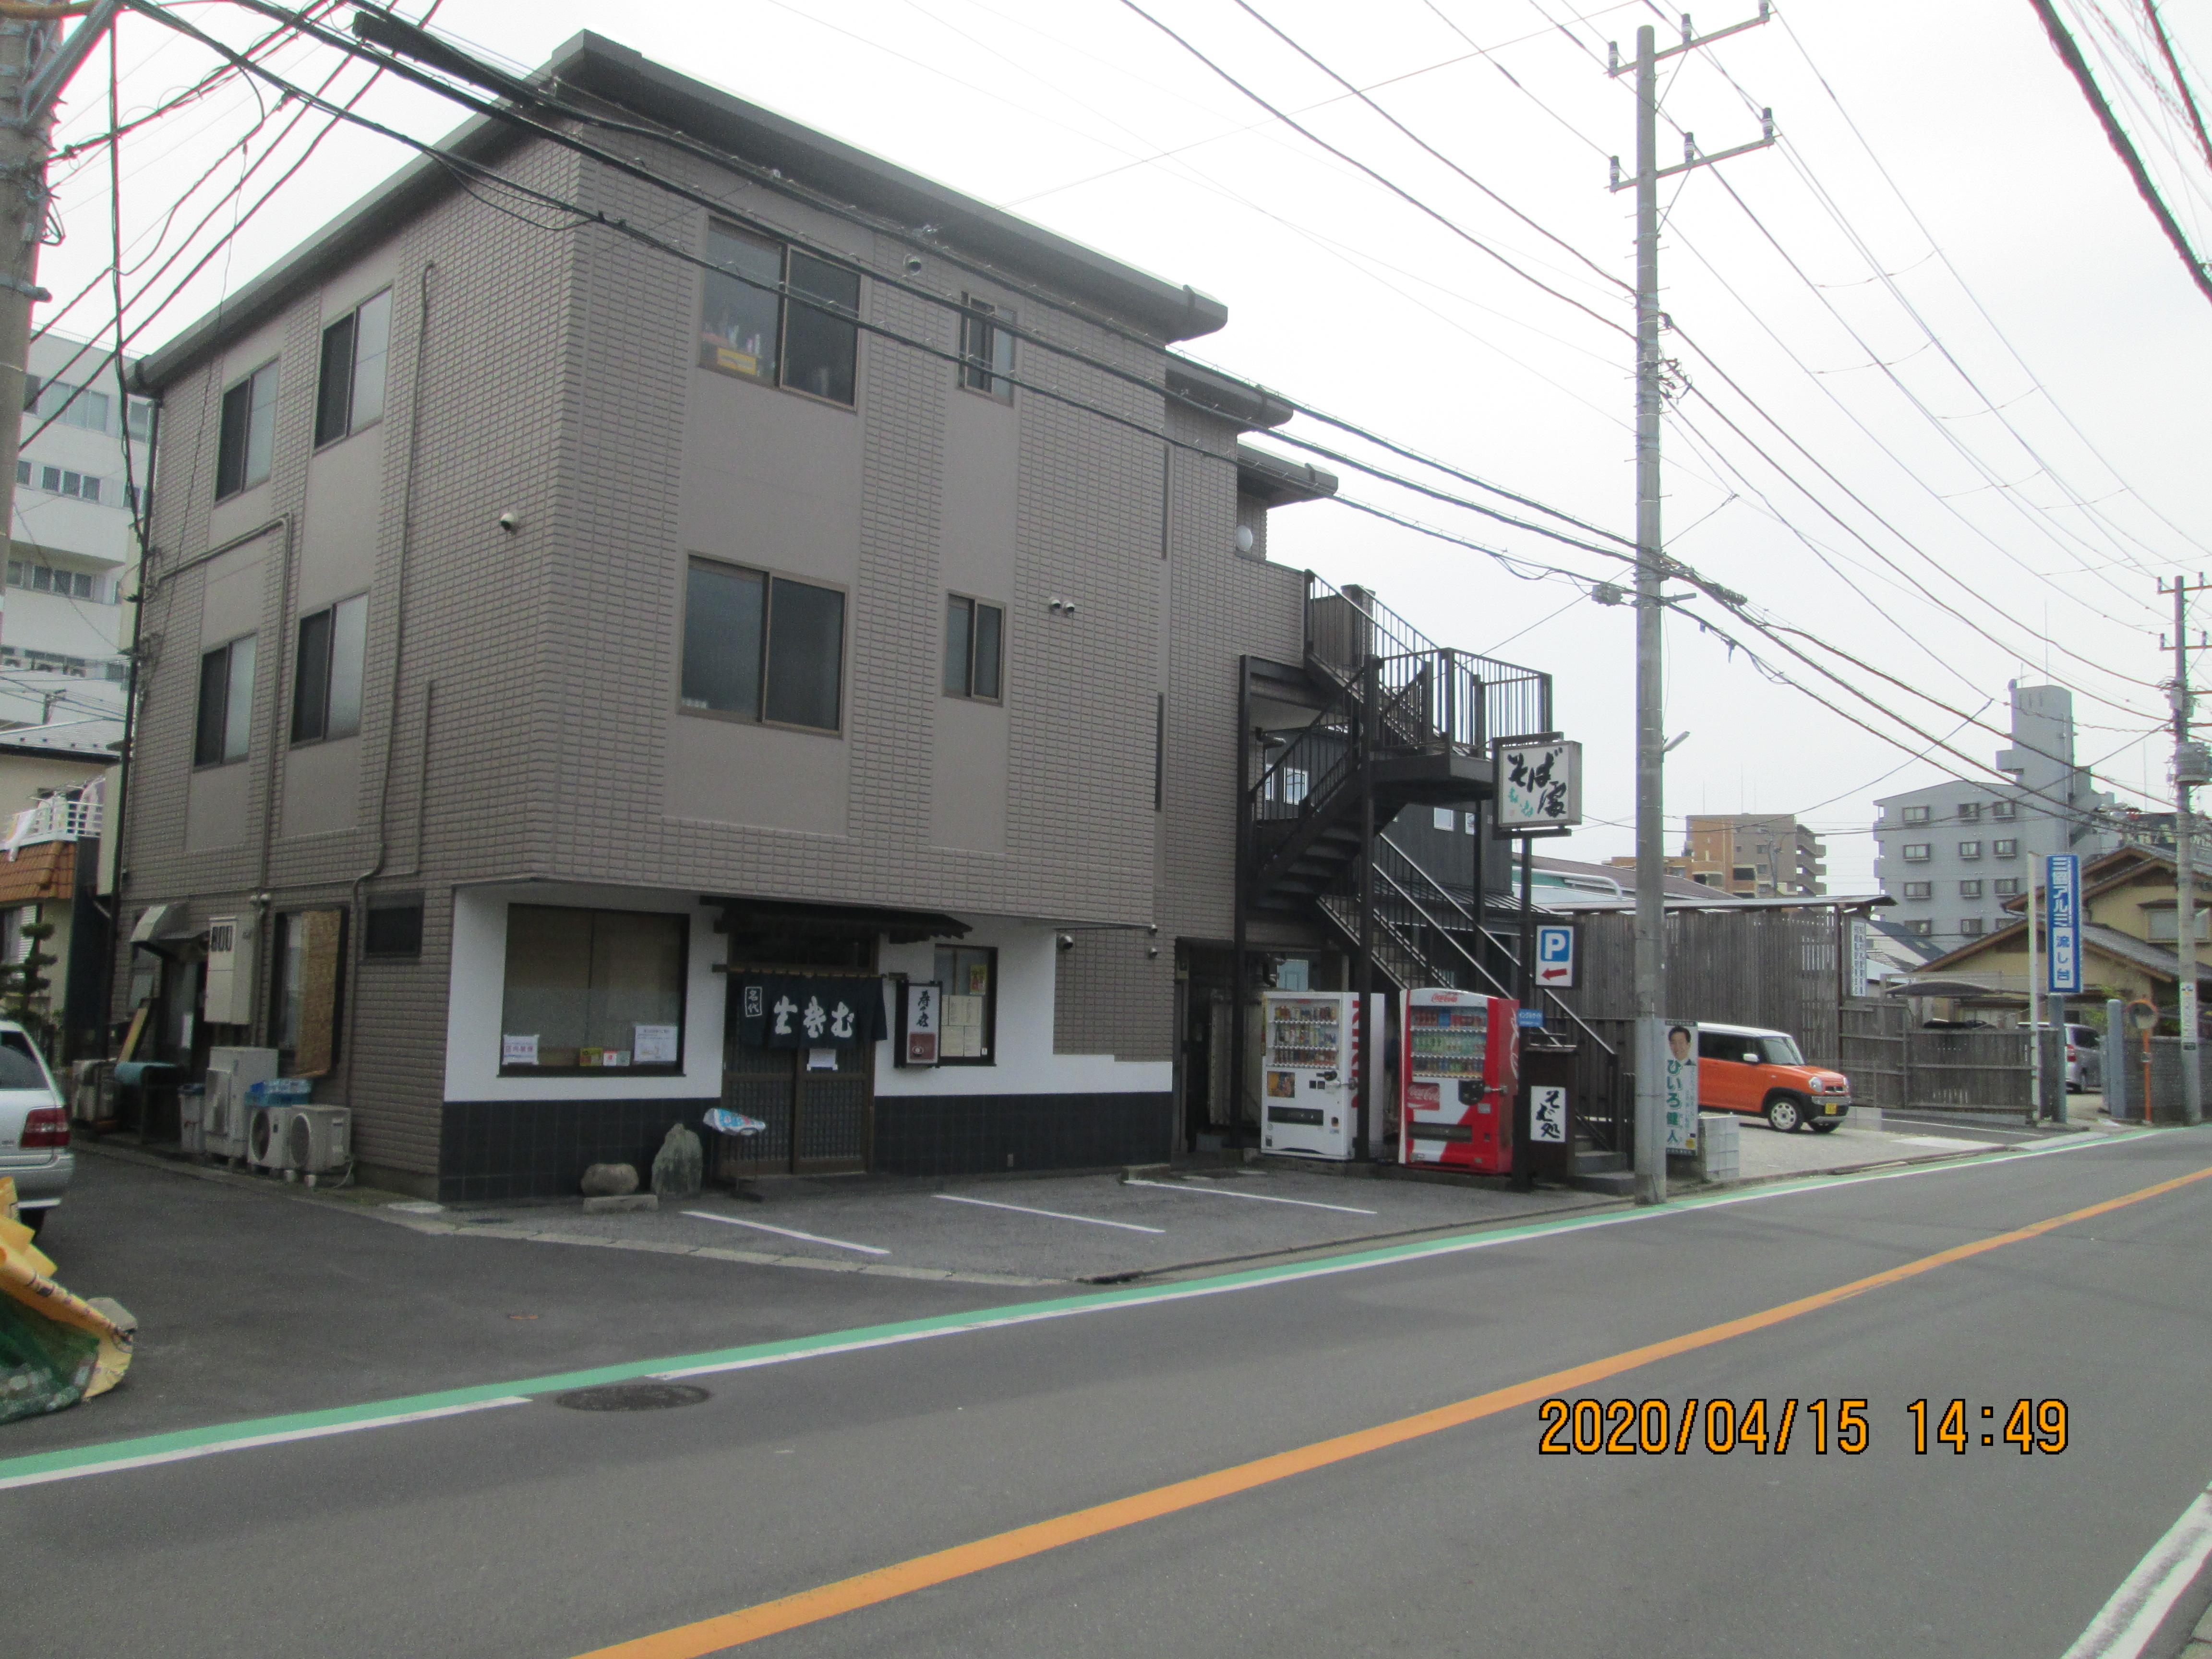 左手がそば店。右手オレンジ色の車と青い看板の間がそば店の第2駐車場がステーションです